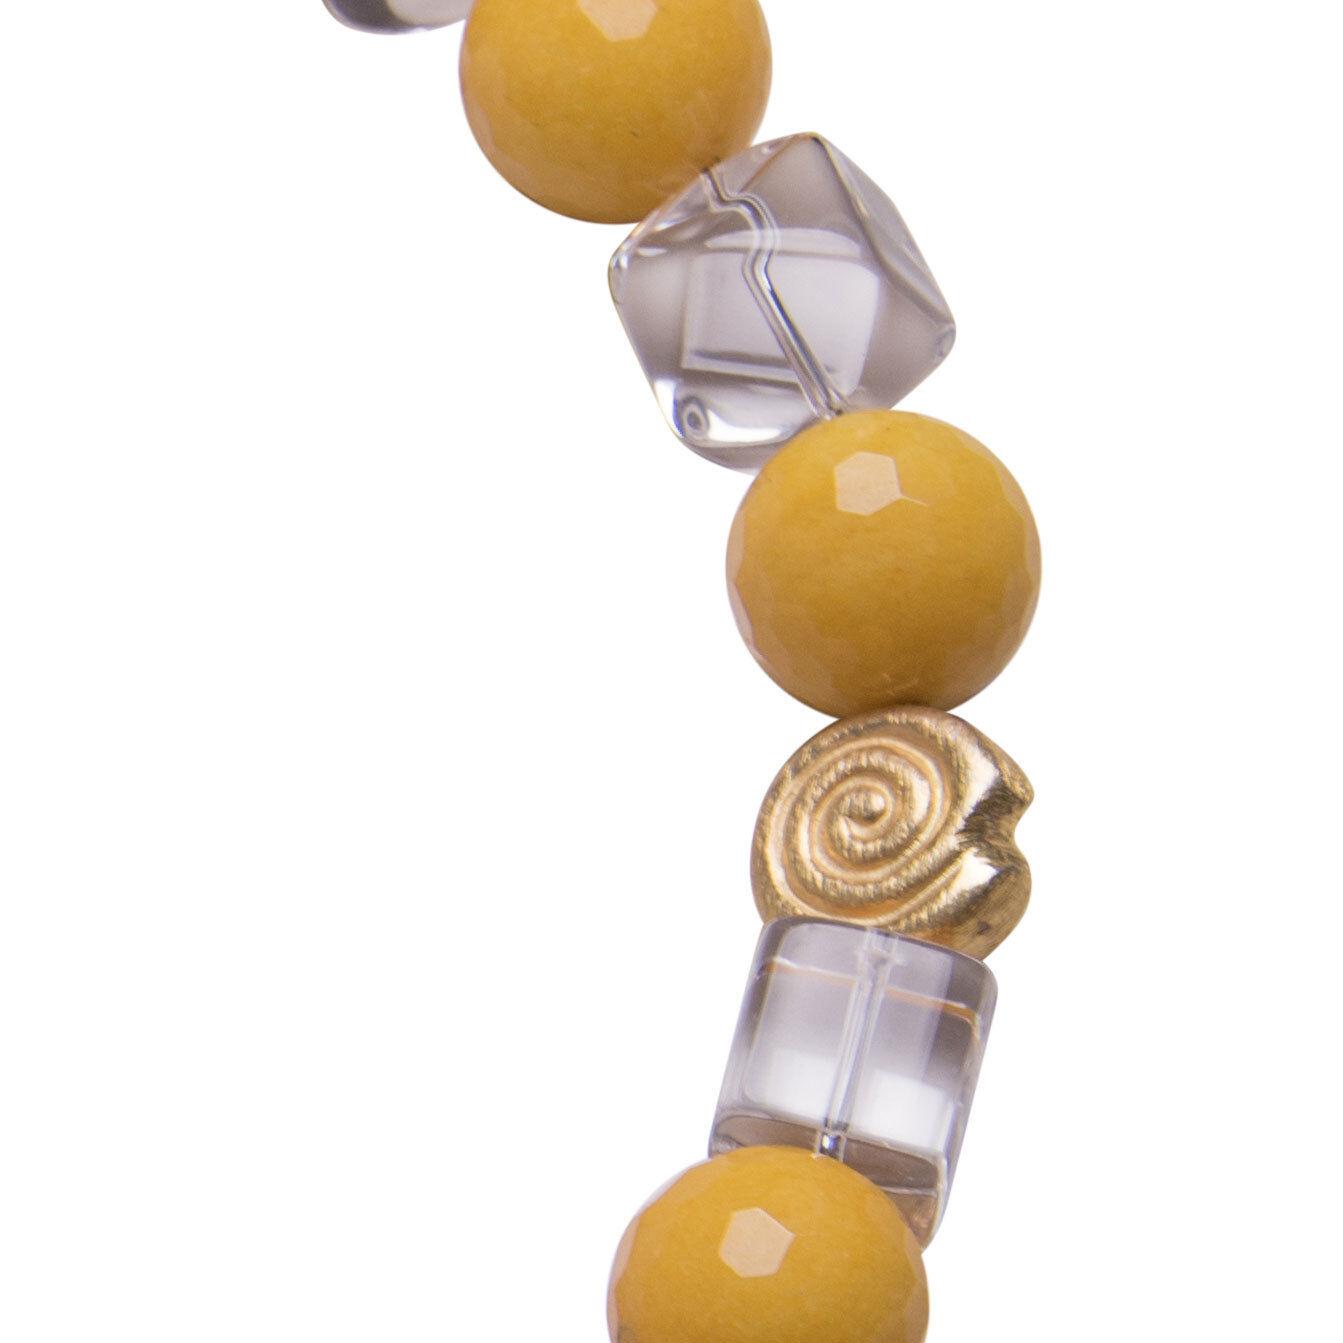 CATENA COLLIER MURANO Montagna Cristallo Sterling argentoo gioielli fatti a a a mano Necklace f6034d